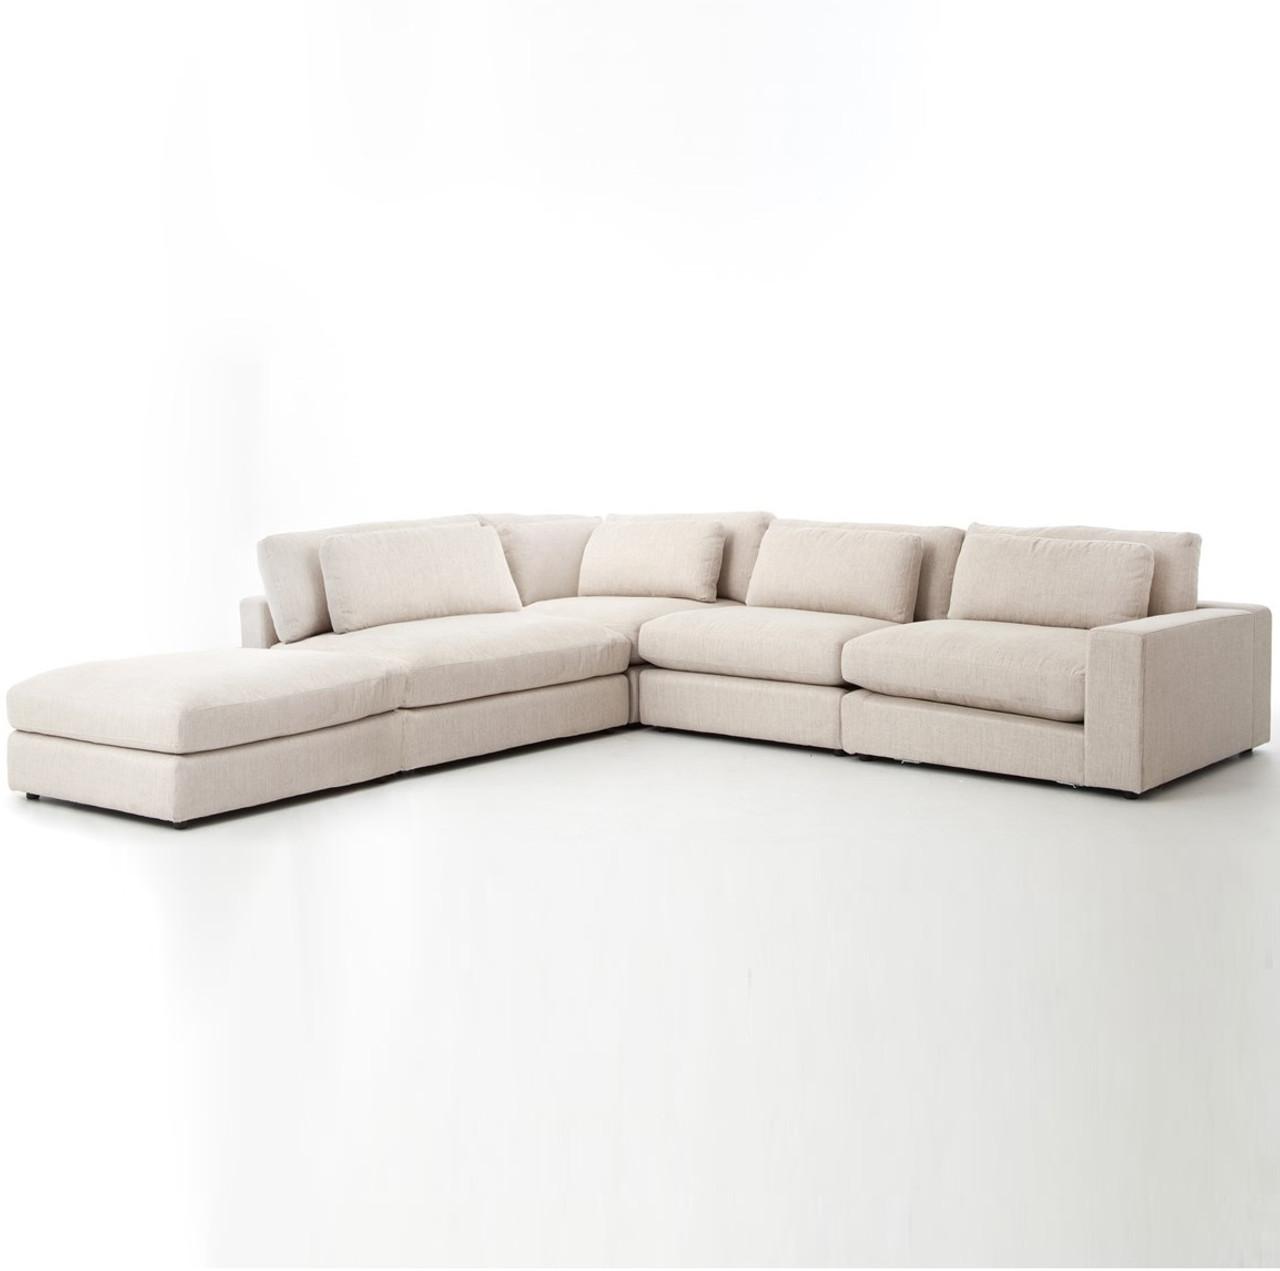 Bloor Beige Contemporary 5 Piece Corner Sectional Sofa